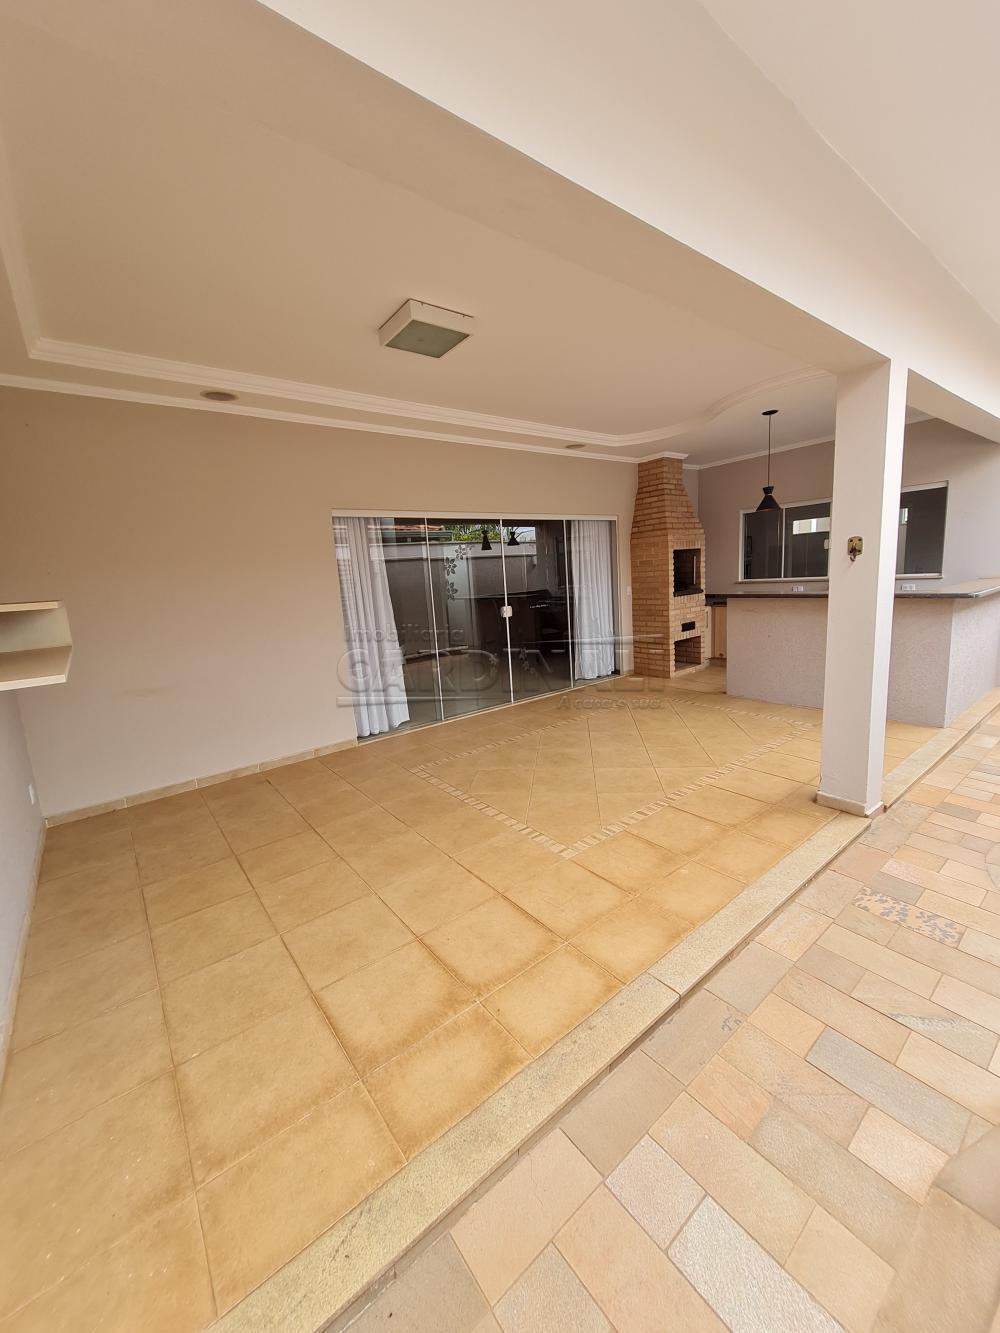 Comprar Casa / Condomínio em São Carlos R$ 865.000,00 - Foto 16